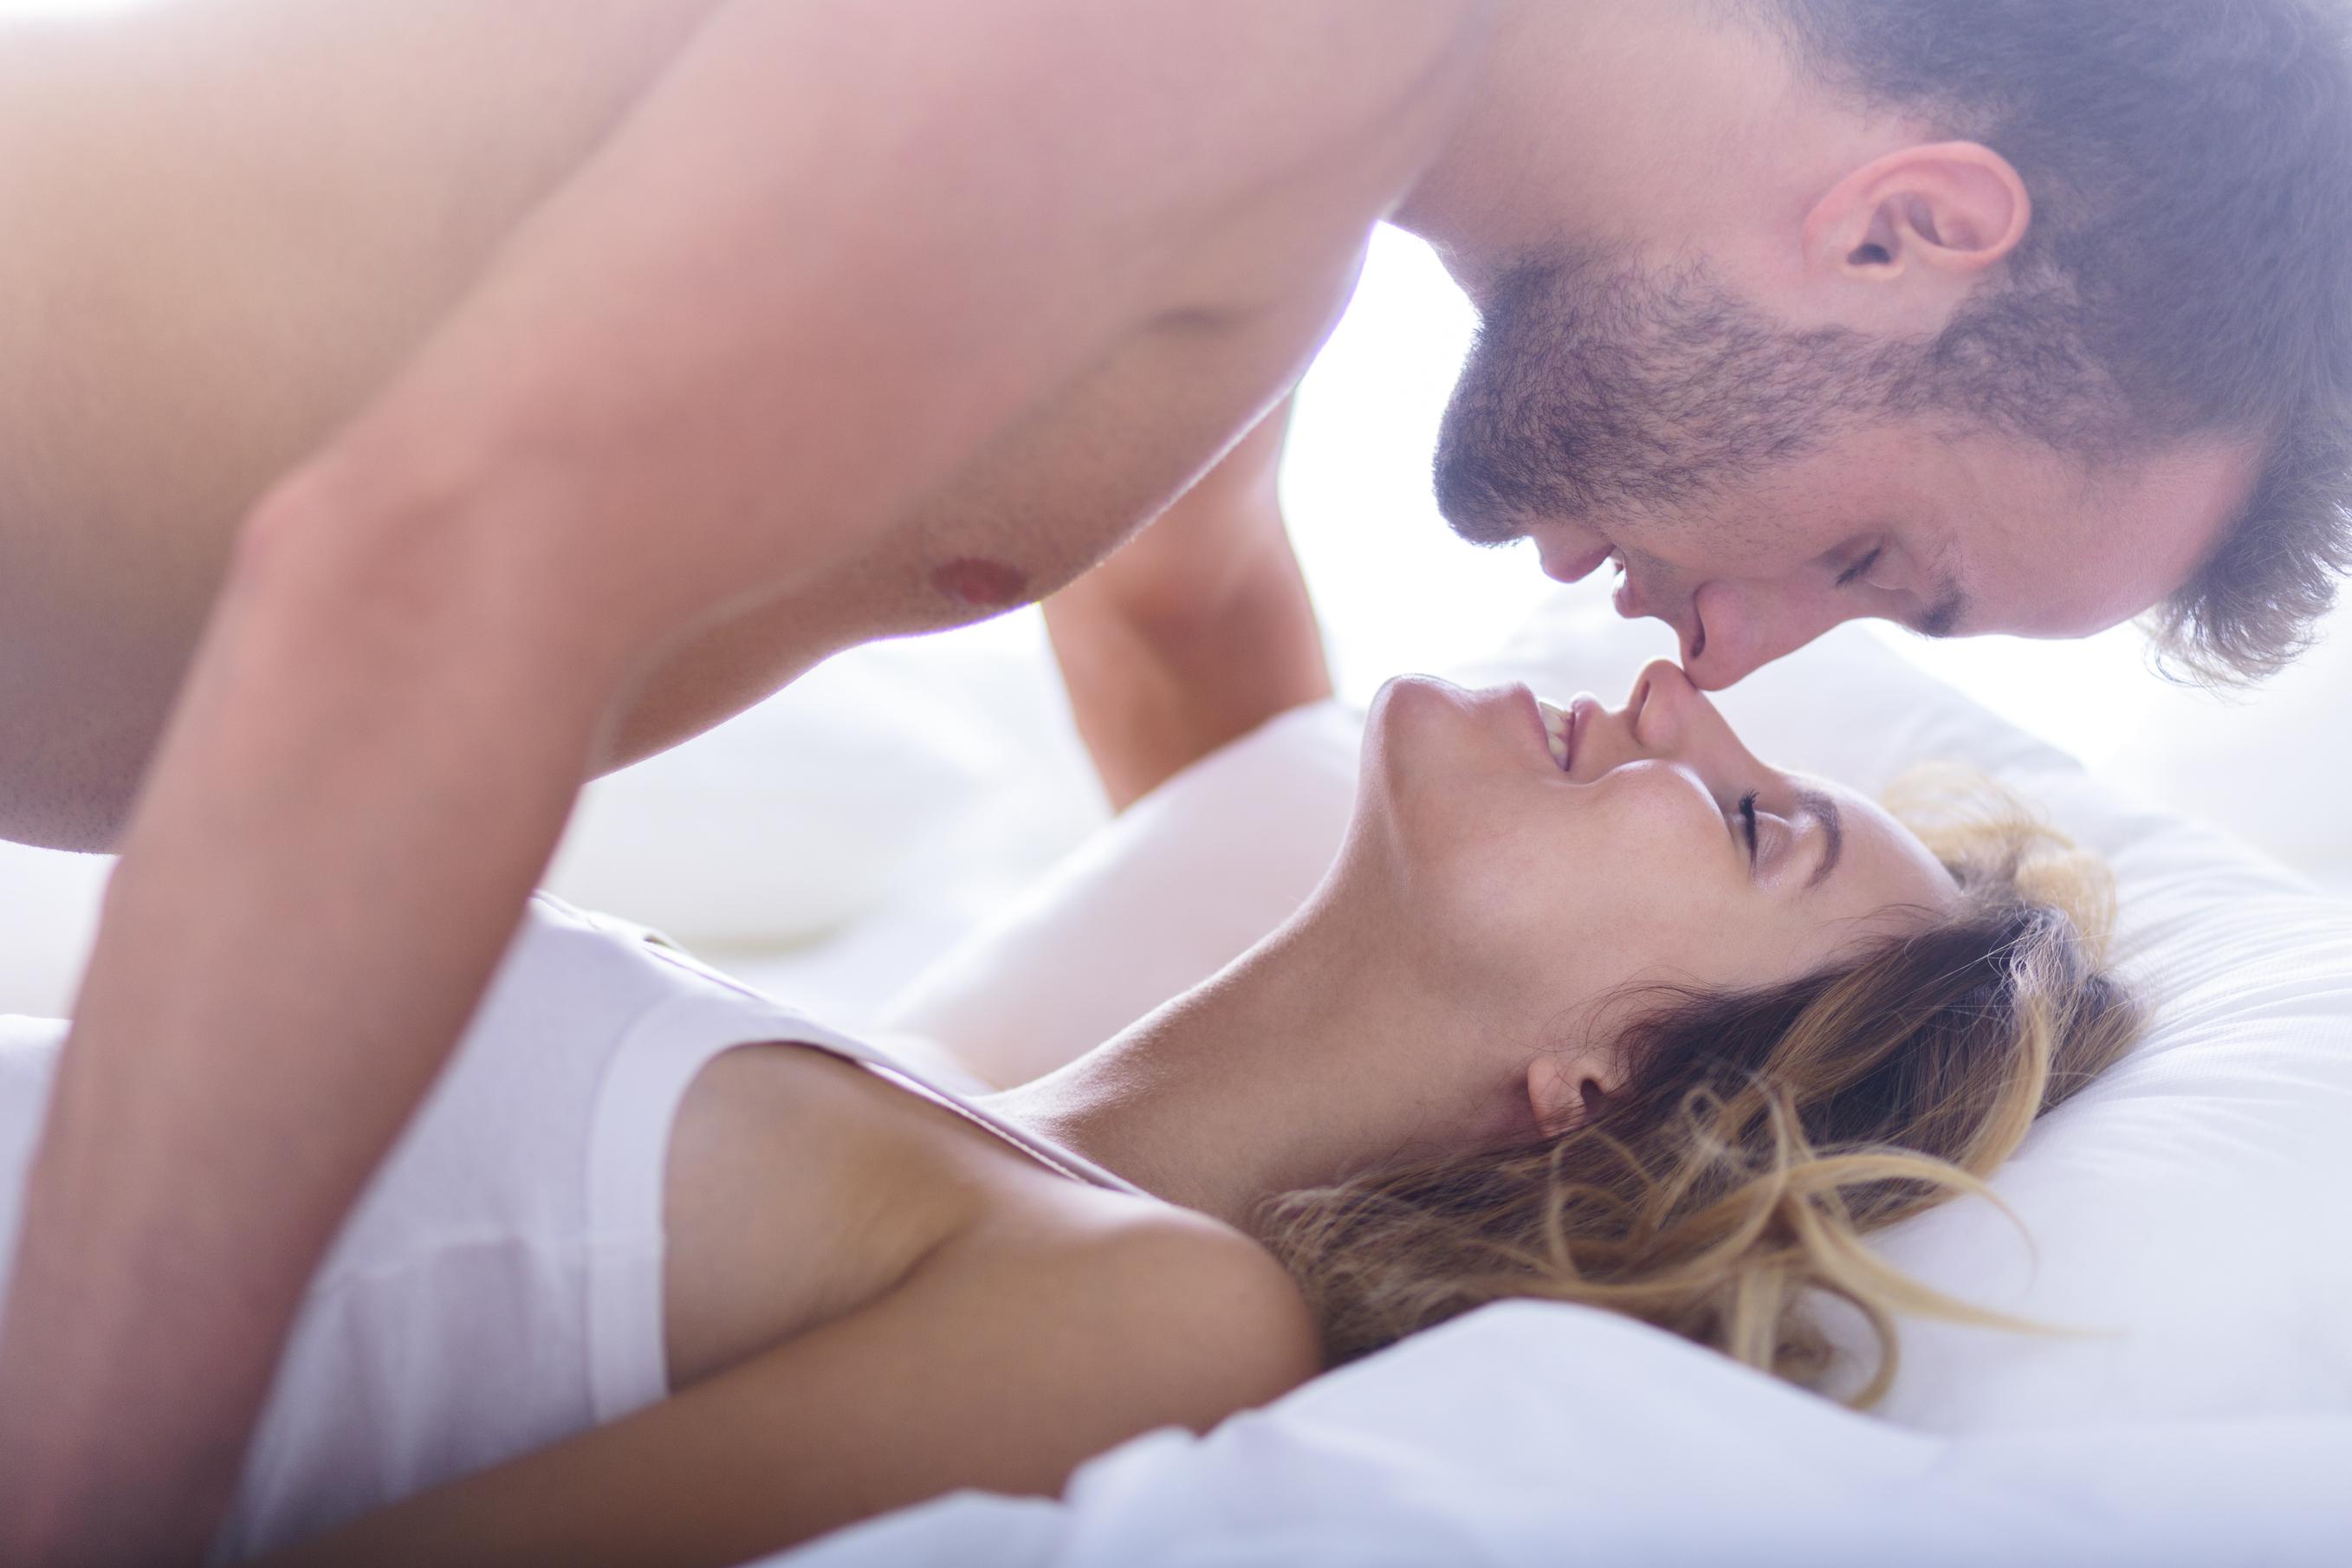 Фото романтика секс, Нежный секс романтичной парочки в спальне порно фото 23 фотография